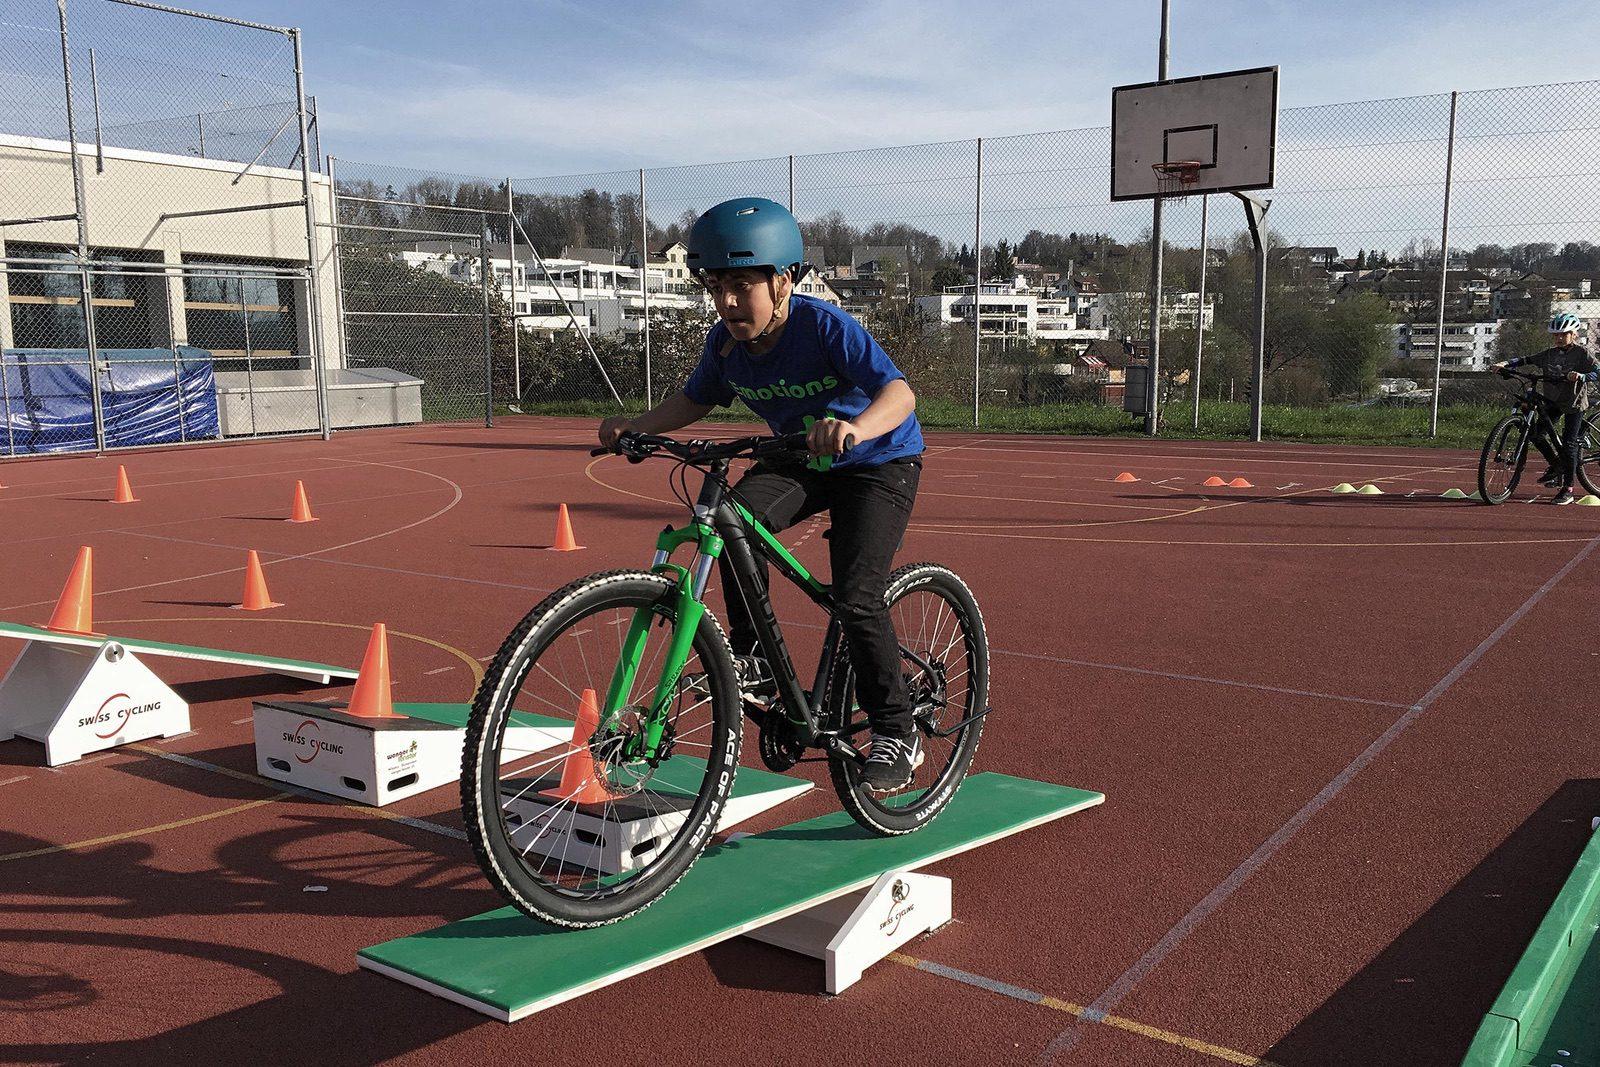 Schule+Velo vermittelt Spass am Velofahren